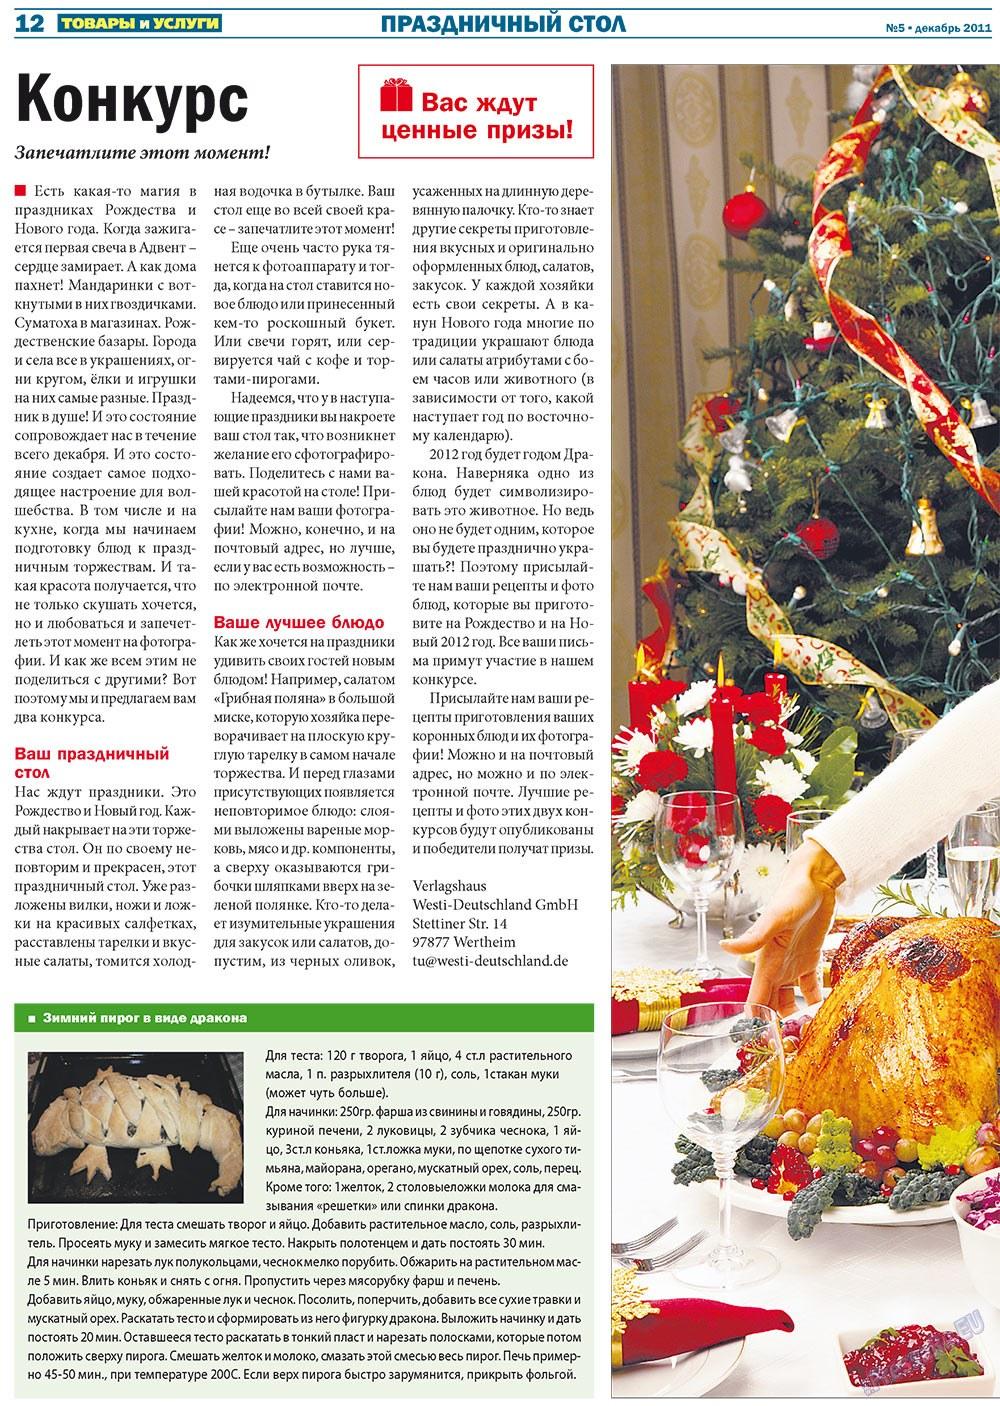 Товары и услуги (газета). 2011 год, номер 5, стр. 12